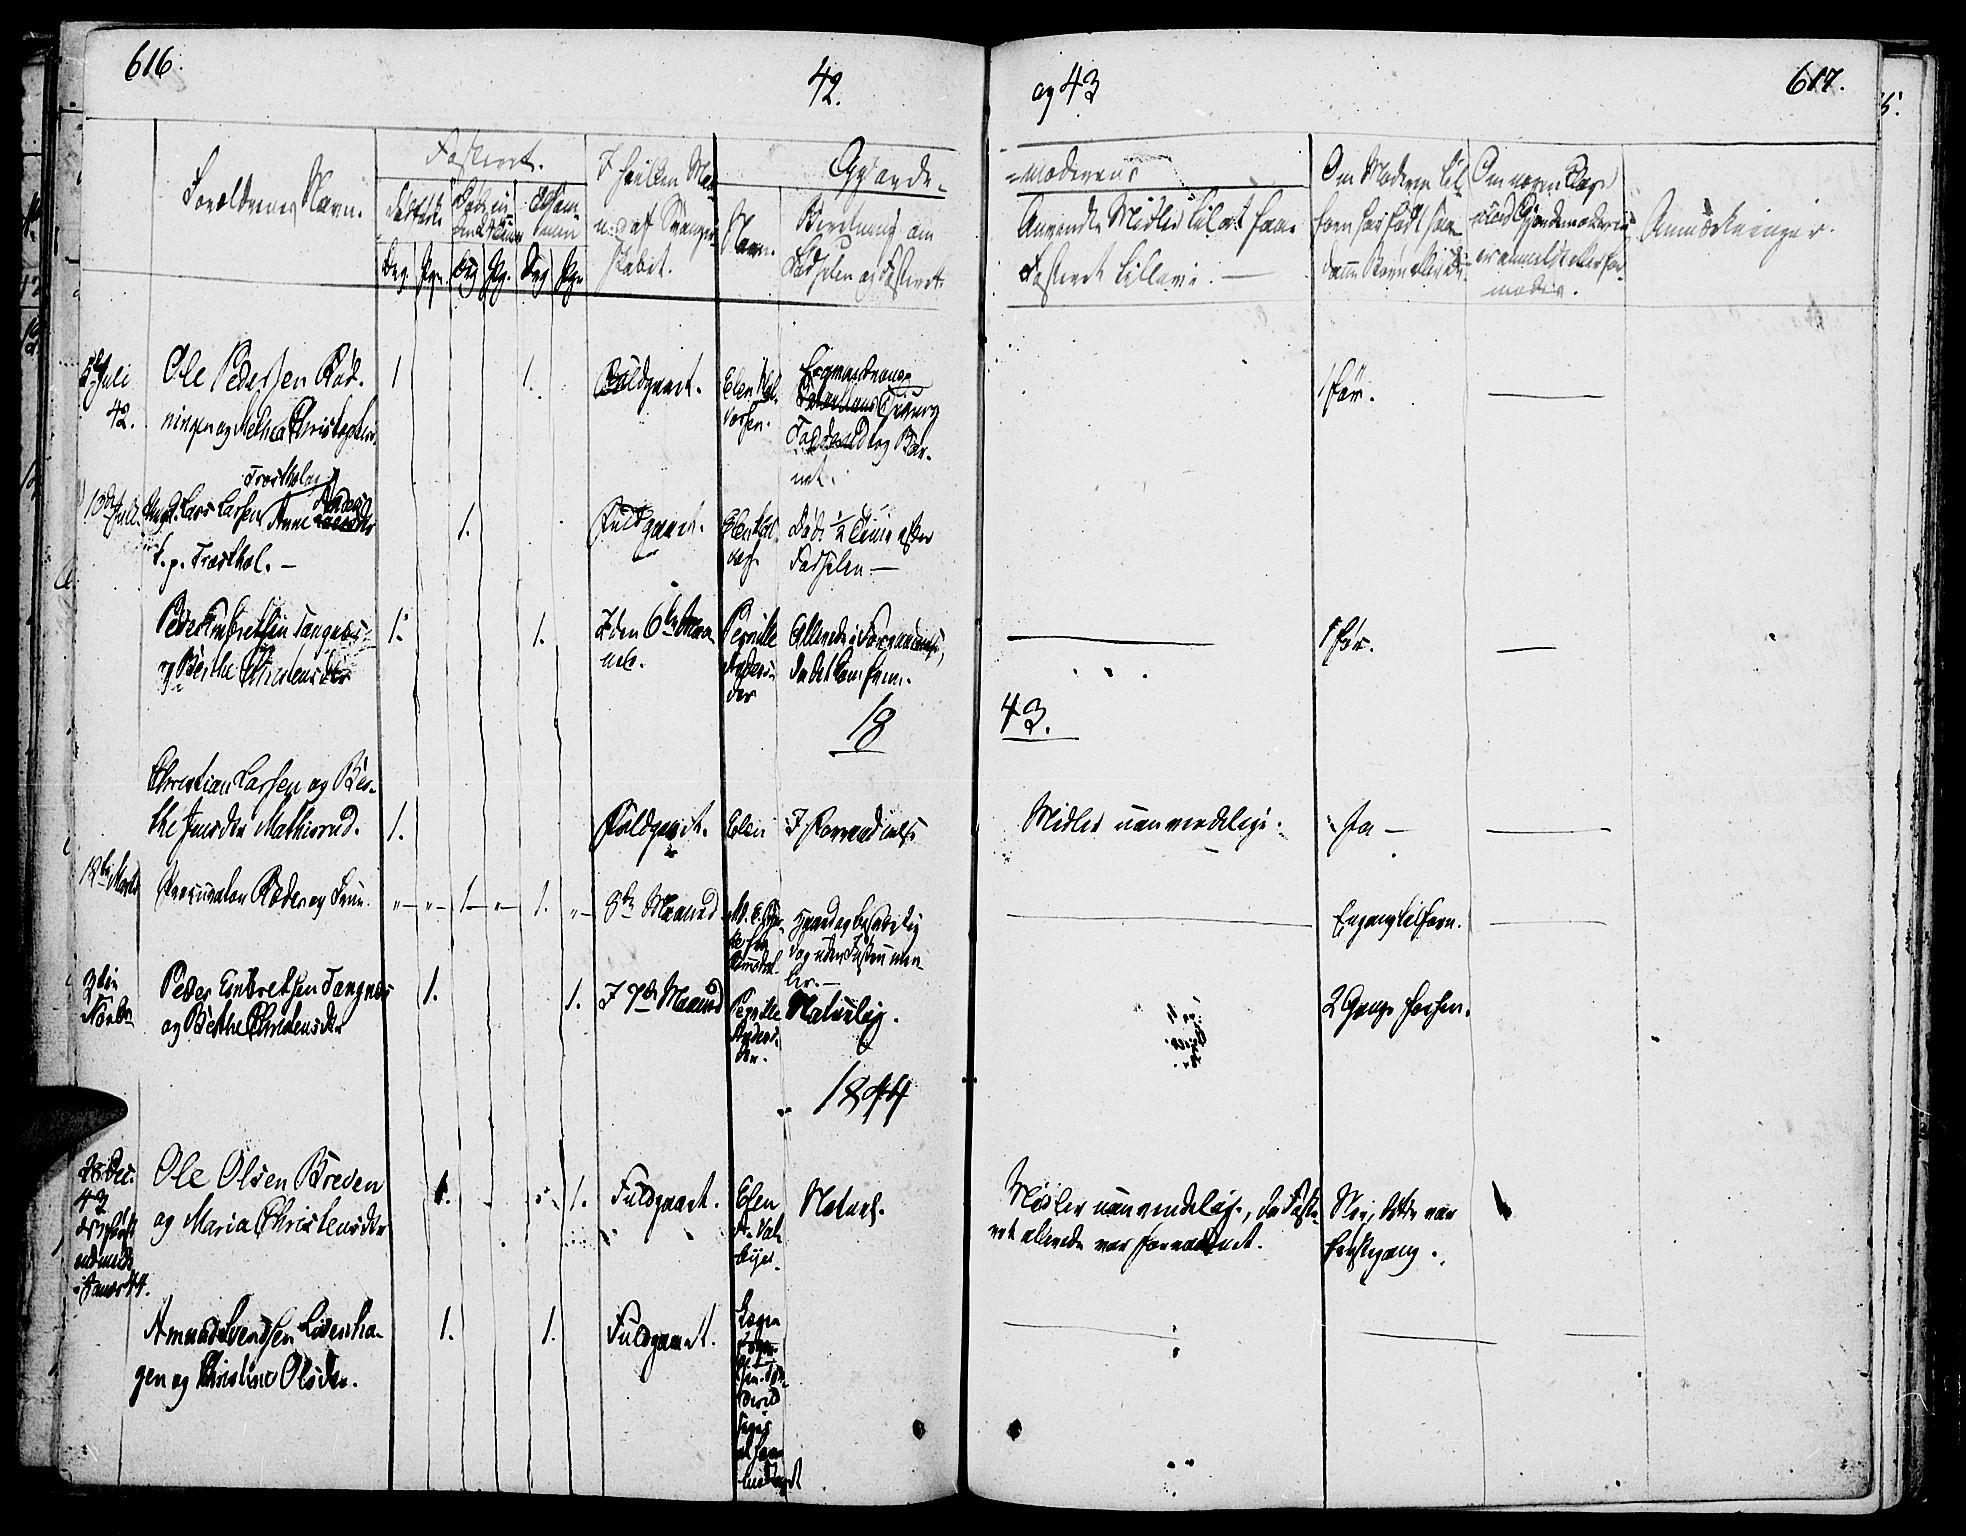 SAH, Løten prestekontor, K/Ka/L0006: Parish register (official) no. 6, 1832-1849, p. 616-617